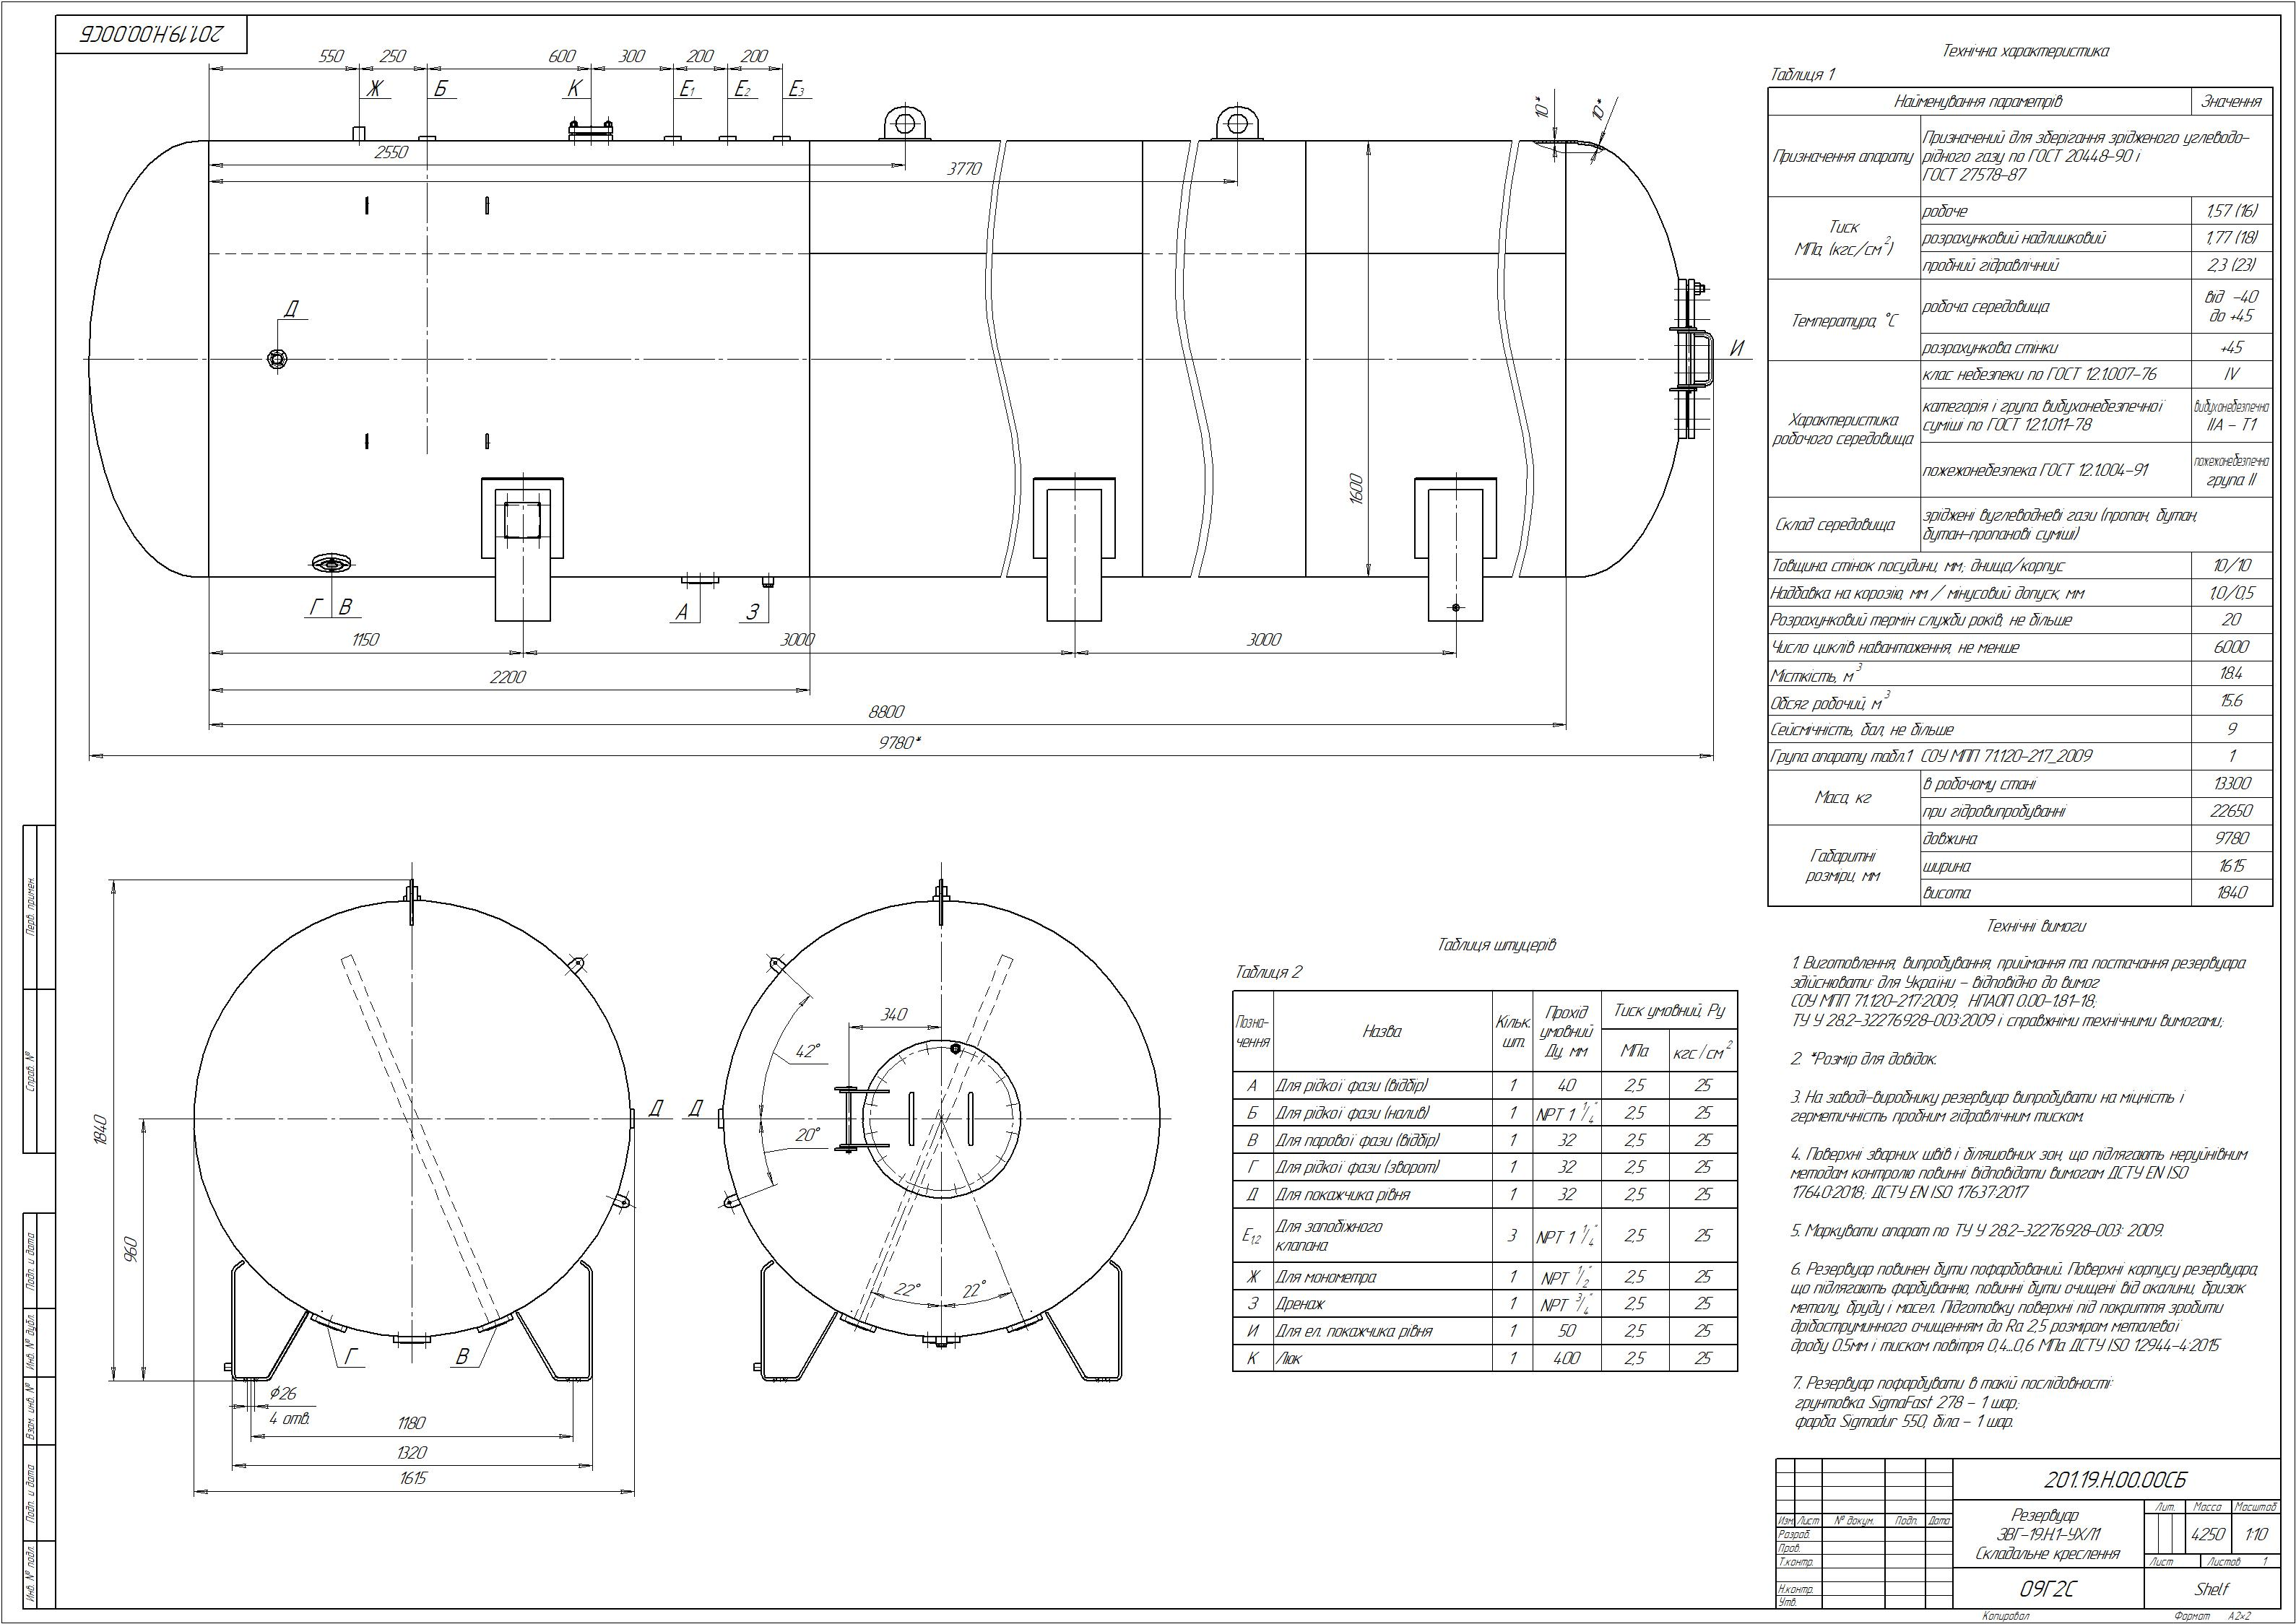 Схема резервуару наземного №13